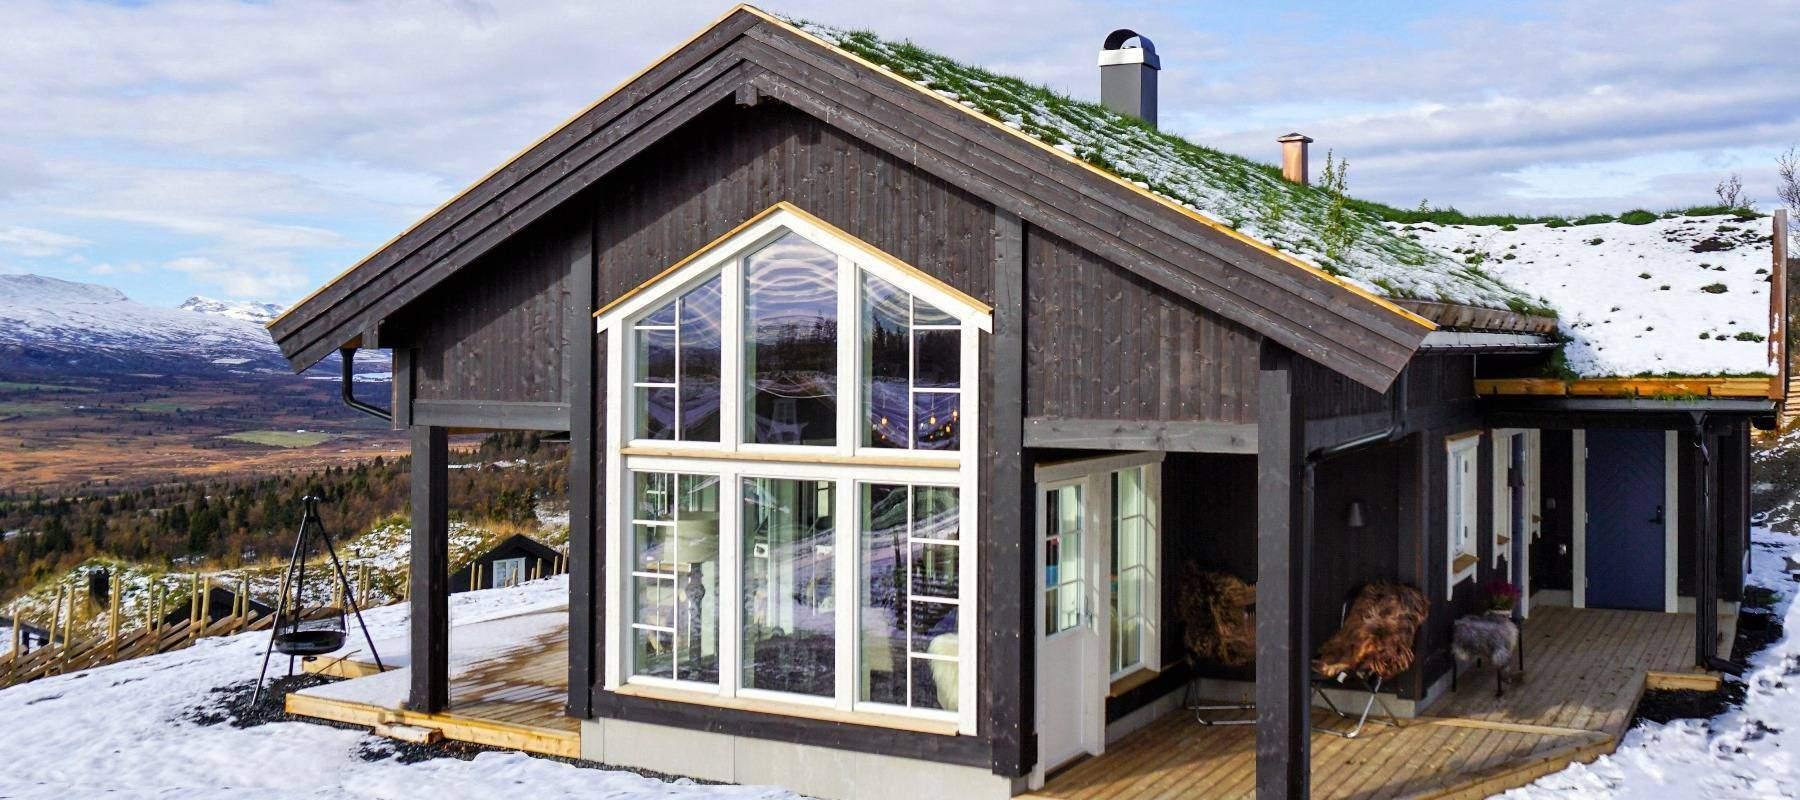 460 Hytteinspirasjon Hytte Strynsfjell 122 på Høyset Panorama Vaset.